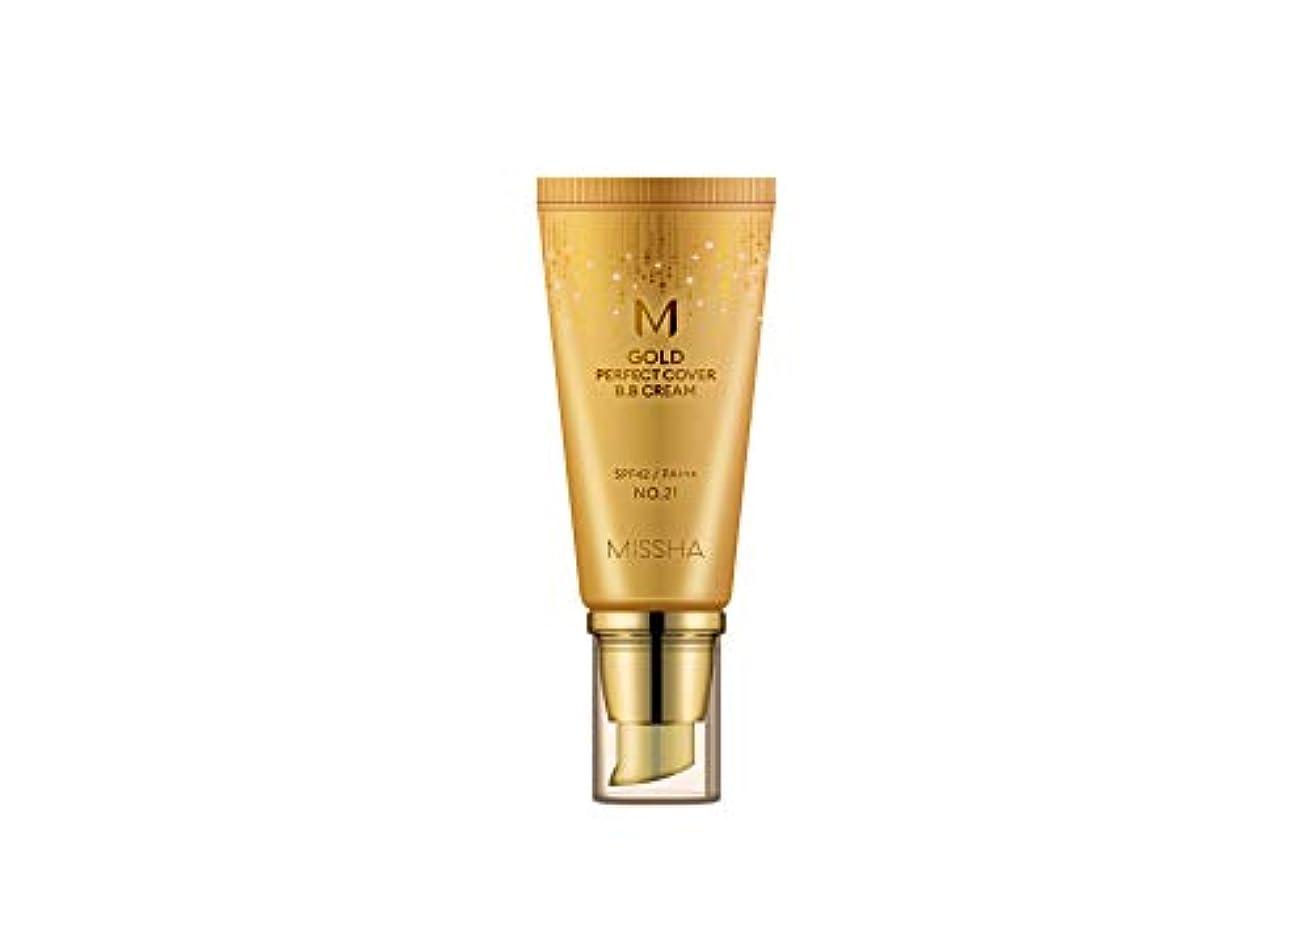 コックゆでる徴収【ミシャ.missha] MゴールドパーフェクトカバーBBクリーム(#21,50ML)ナチュラルベージュ)SPF42/ PA+++/ M GOLD PERFECT COVER BB CREAM